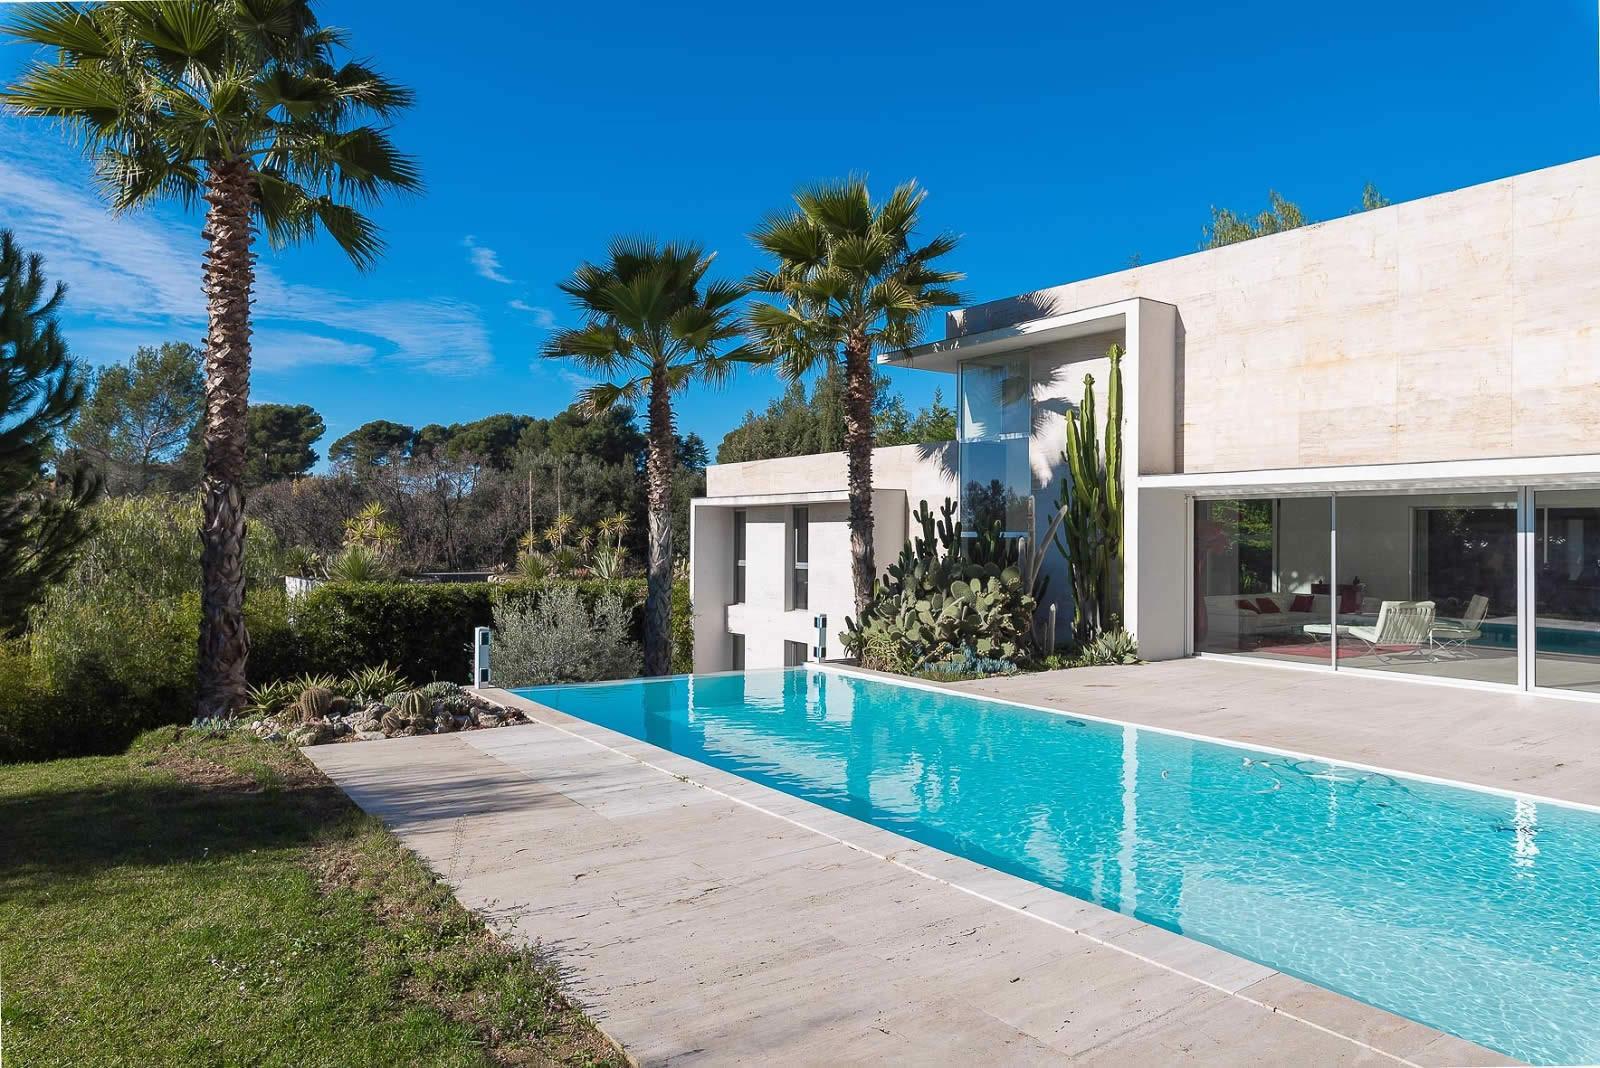 Villa Les Marronniers  Rue Depe Caud Ef Bf Bdran  Bordeaux France